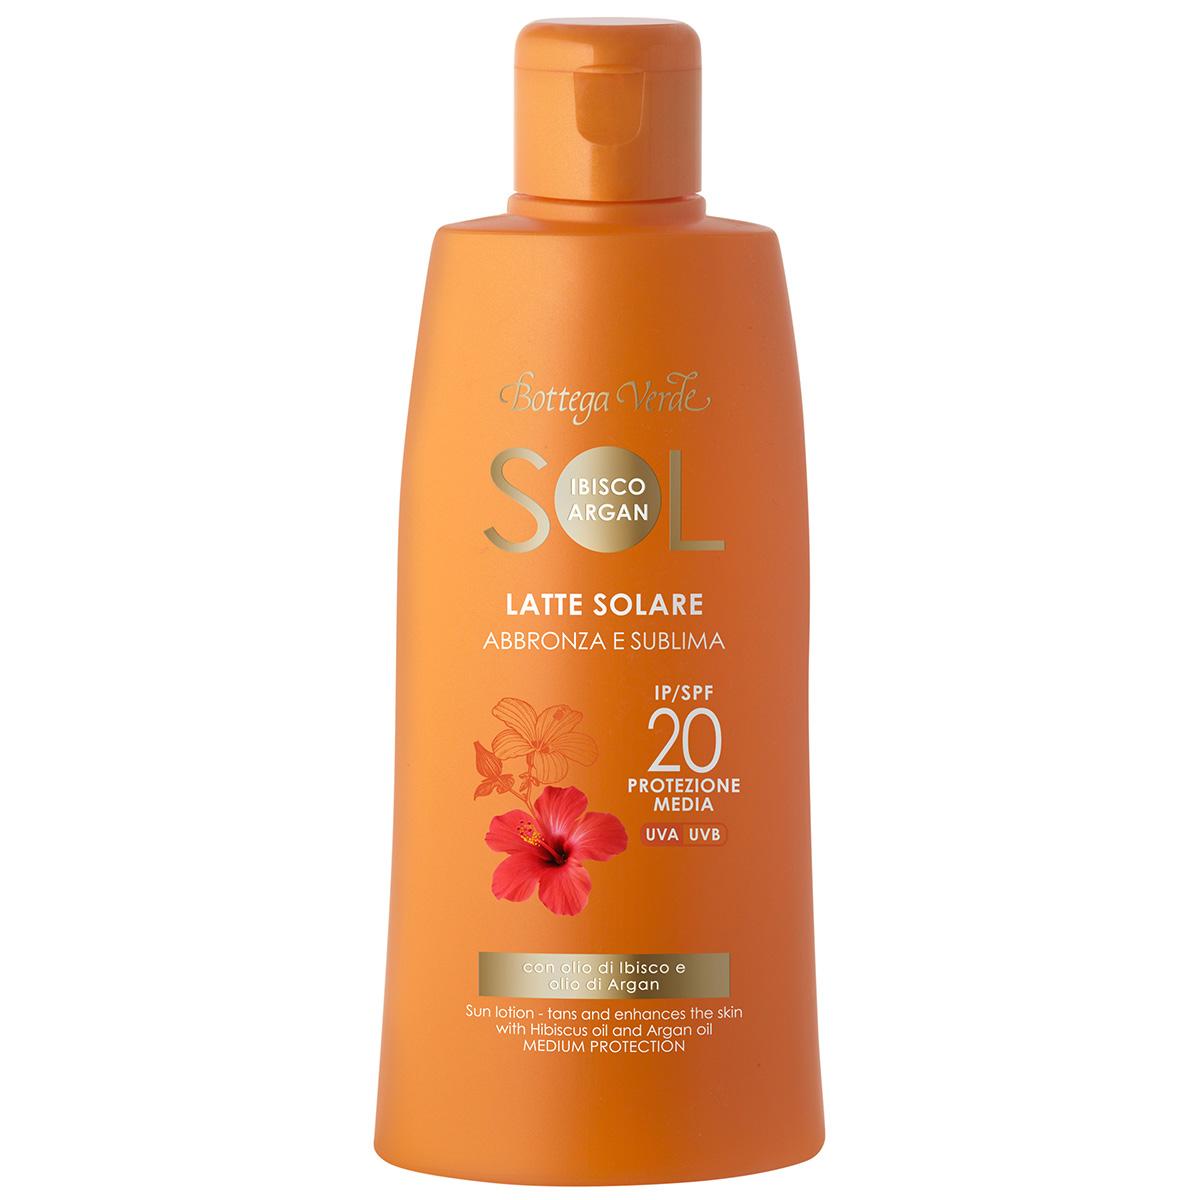 Protectie Solara - Lapte de corp pentru plaja, rezistent la apa, cu ulei de Hibiscus si Argan - SPF 20